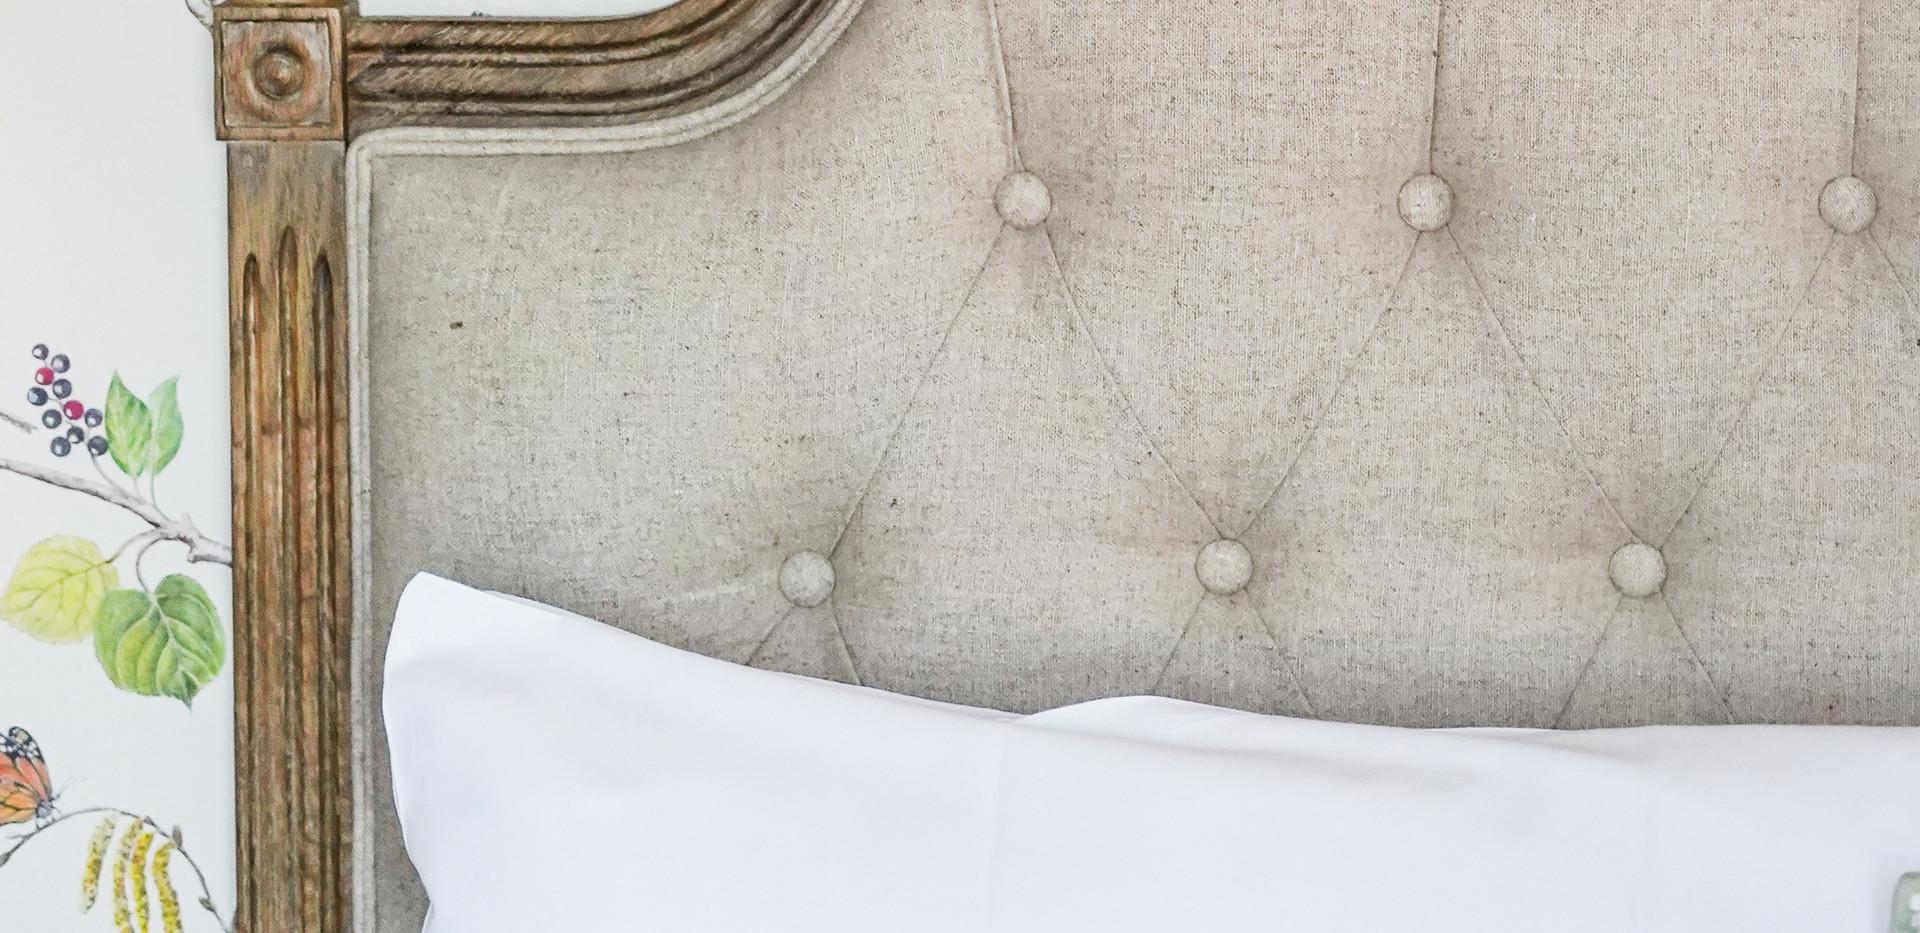 Rm 12 bedhead detail.jpg